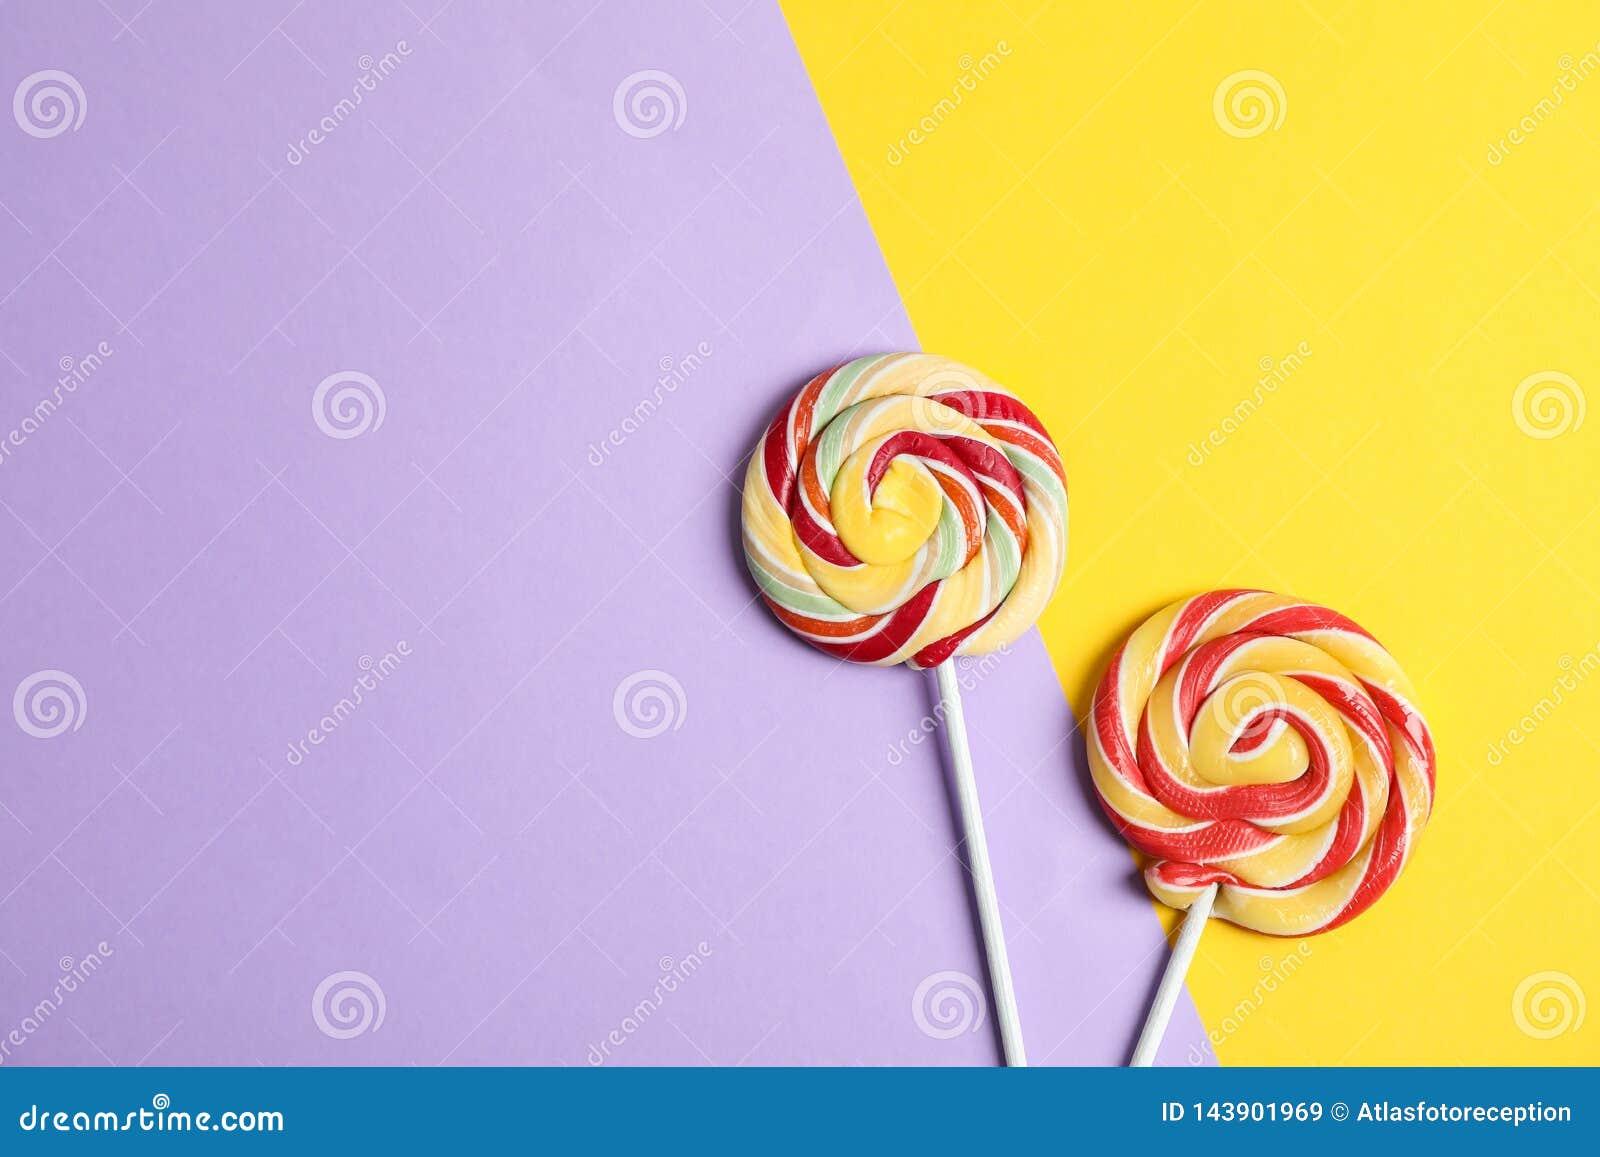 Süße Süßigkeiten mit Raum für Text